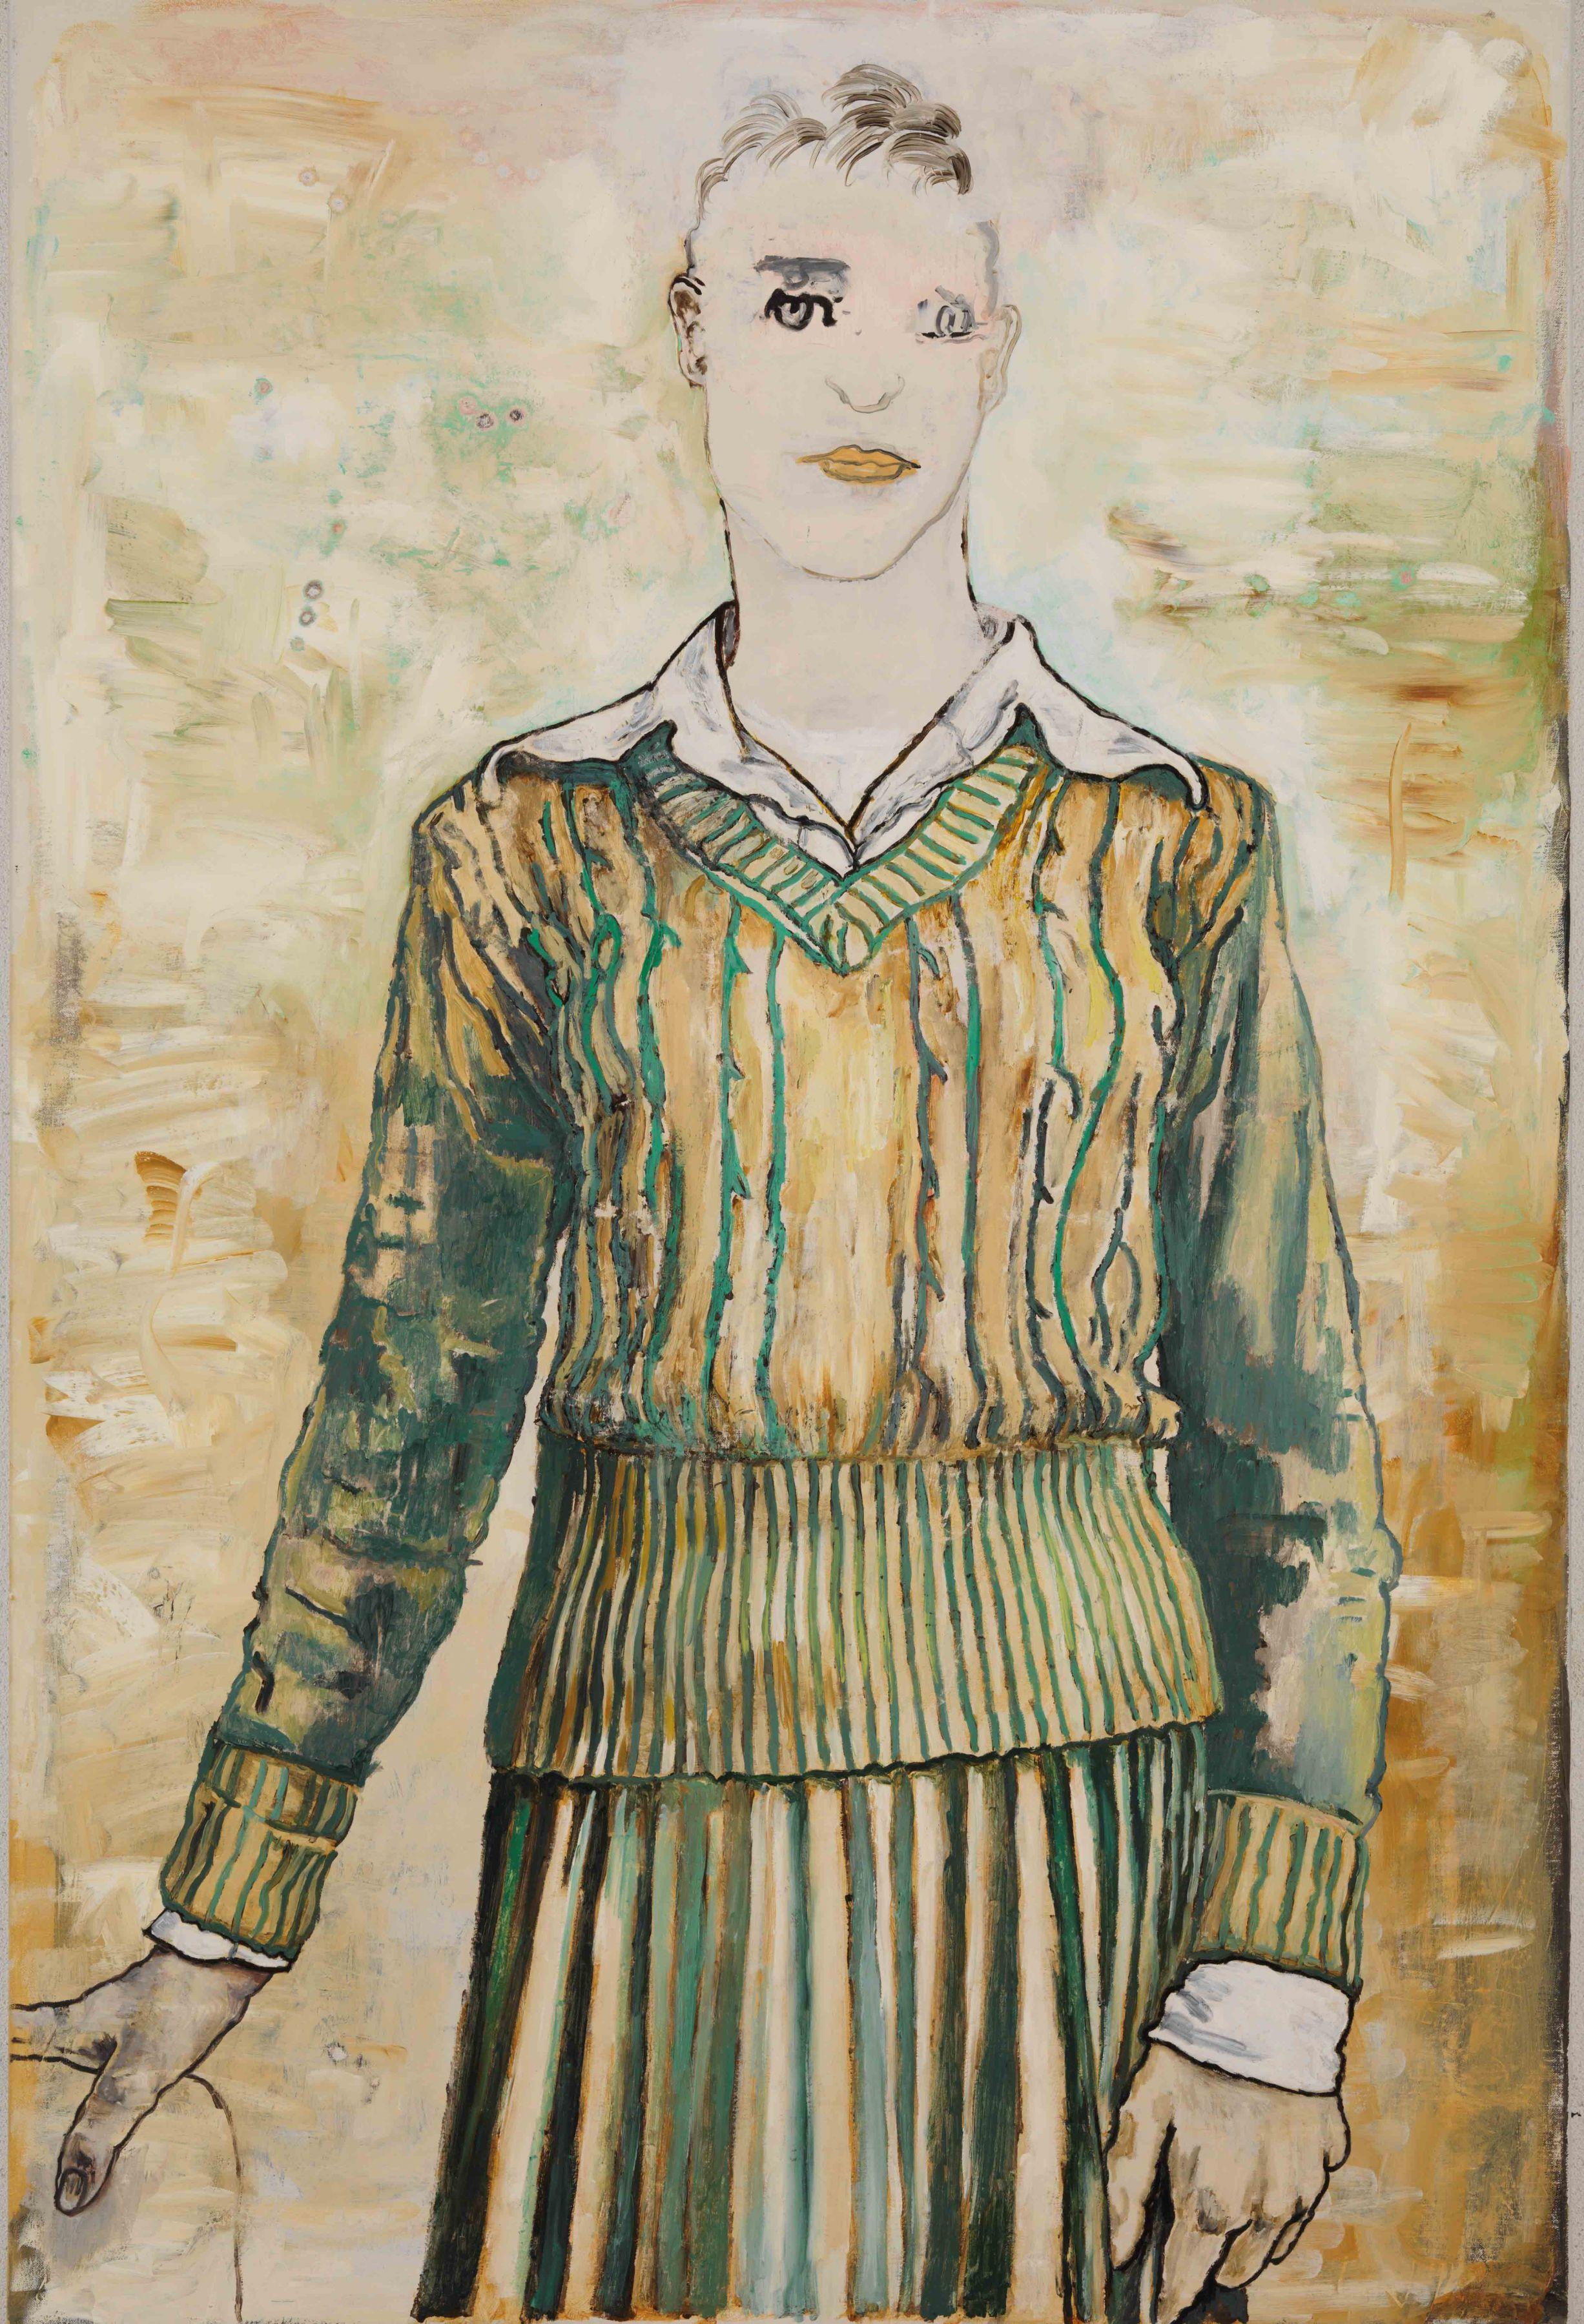 Woman, 2010, Alkydoil on linen